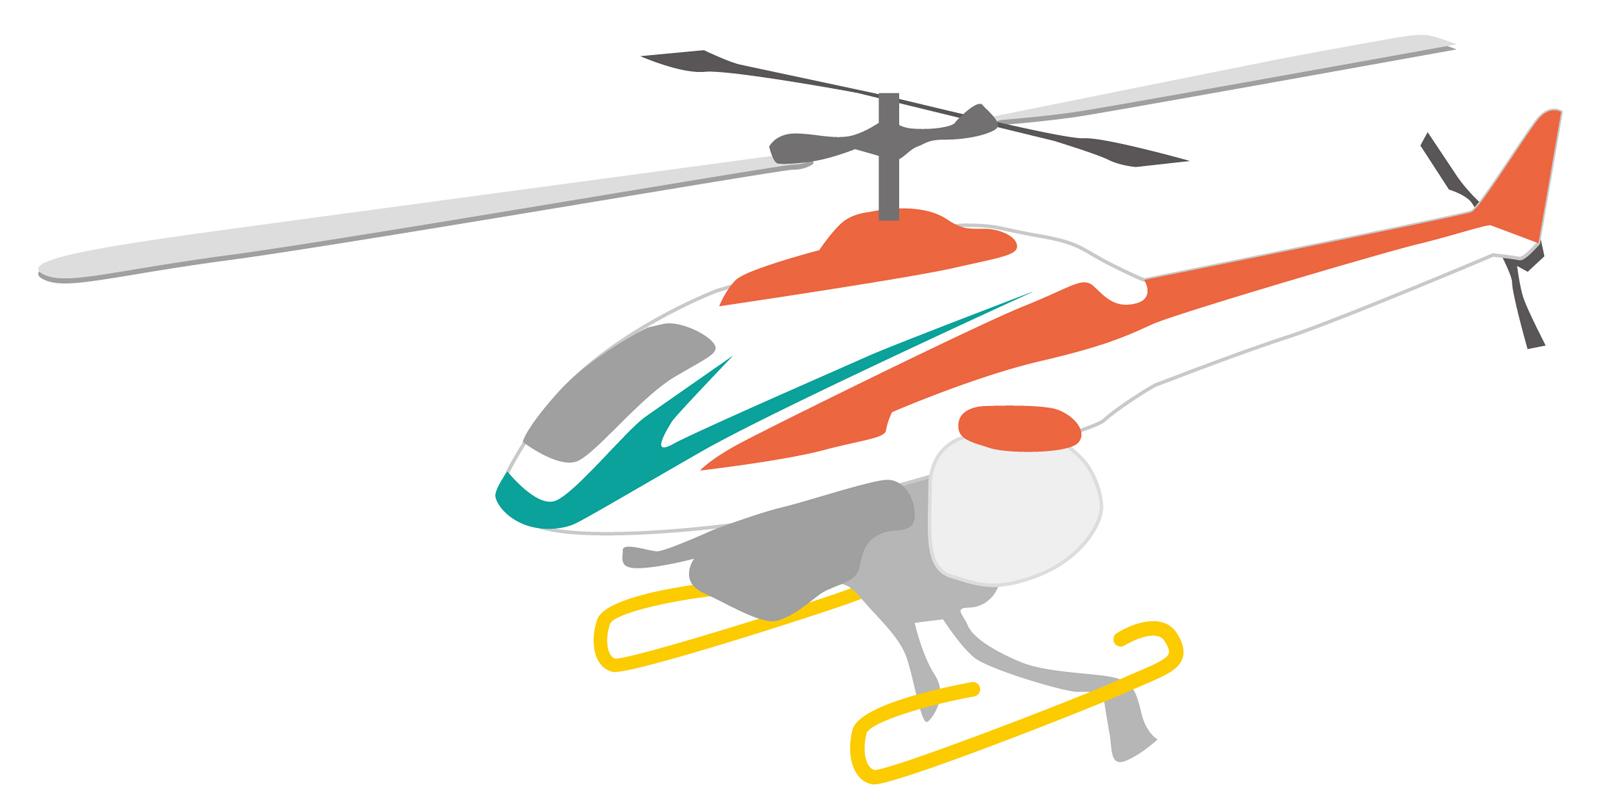 「ドローン ヘリ イラスト」の画像検索結果